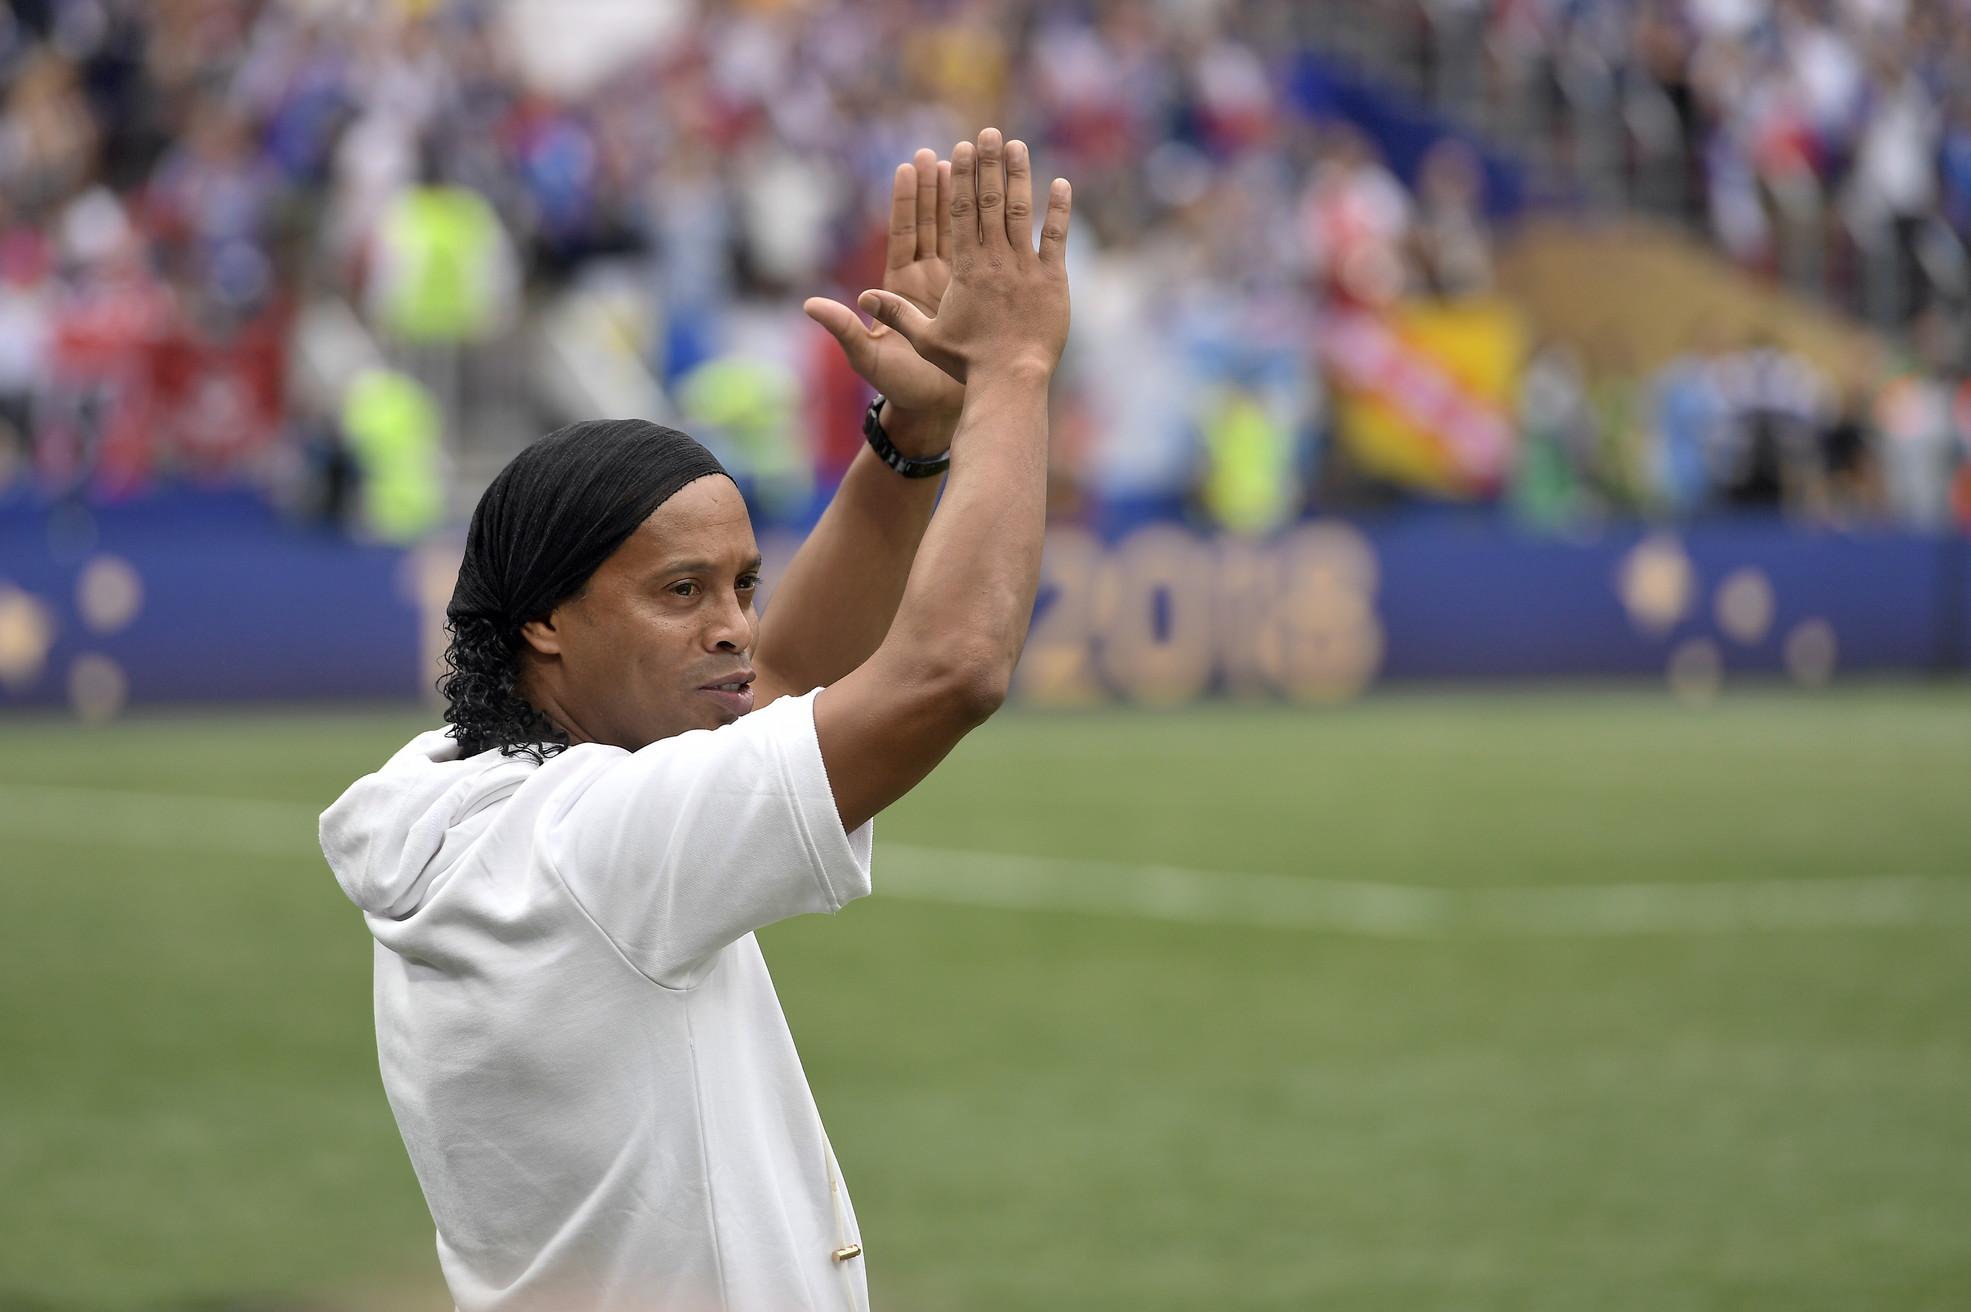 """Ronaldinho: """"Don Diego, ti faccio gli auguri per i tuoi 60 anni. Ti voglio bene, sei nel mio cuore"""""""